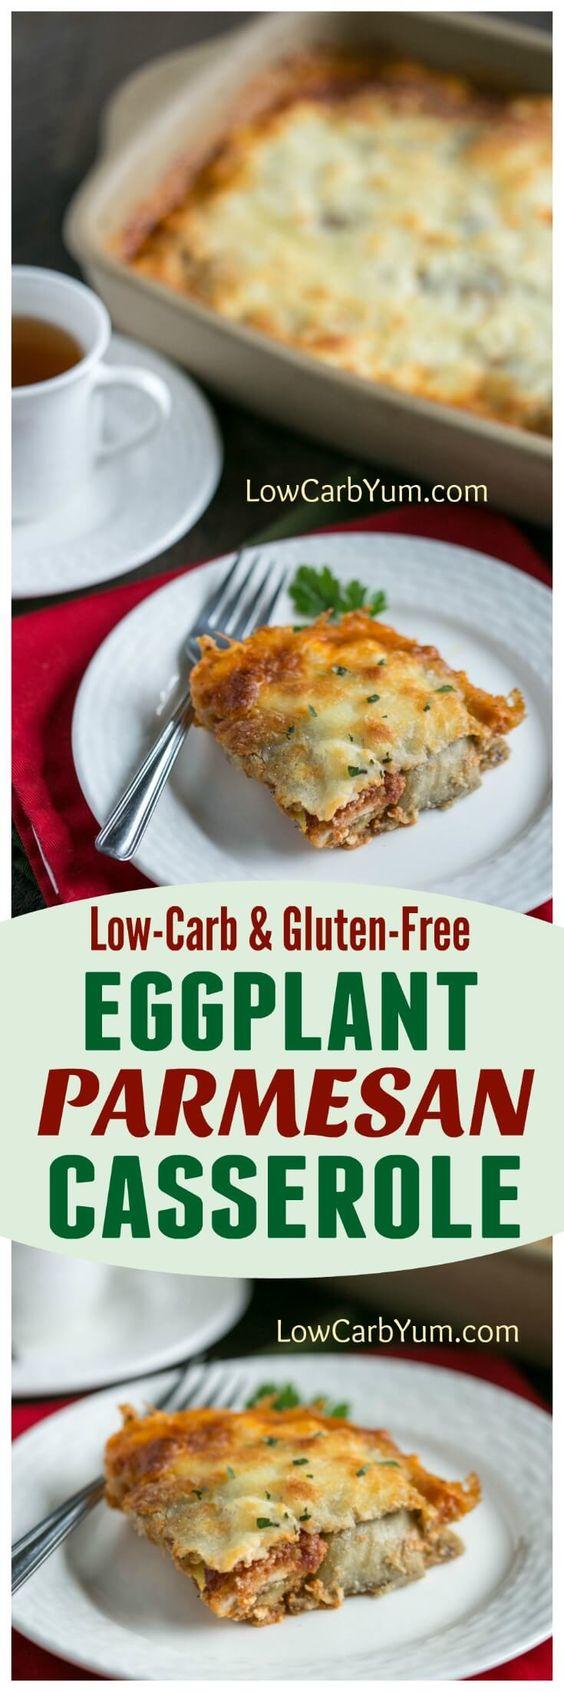 eggplant parmesan eggplants parmesan casseroles low carb gluten free ...